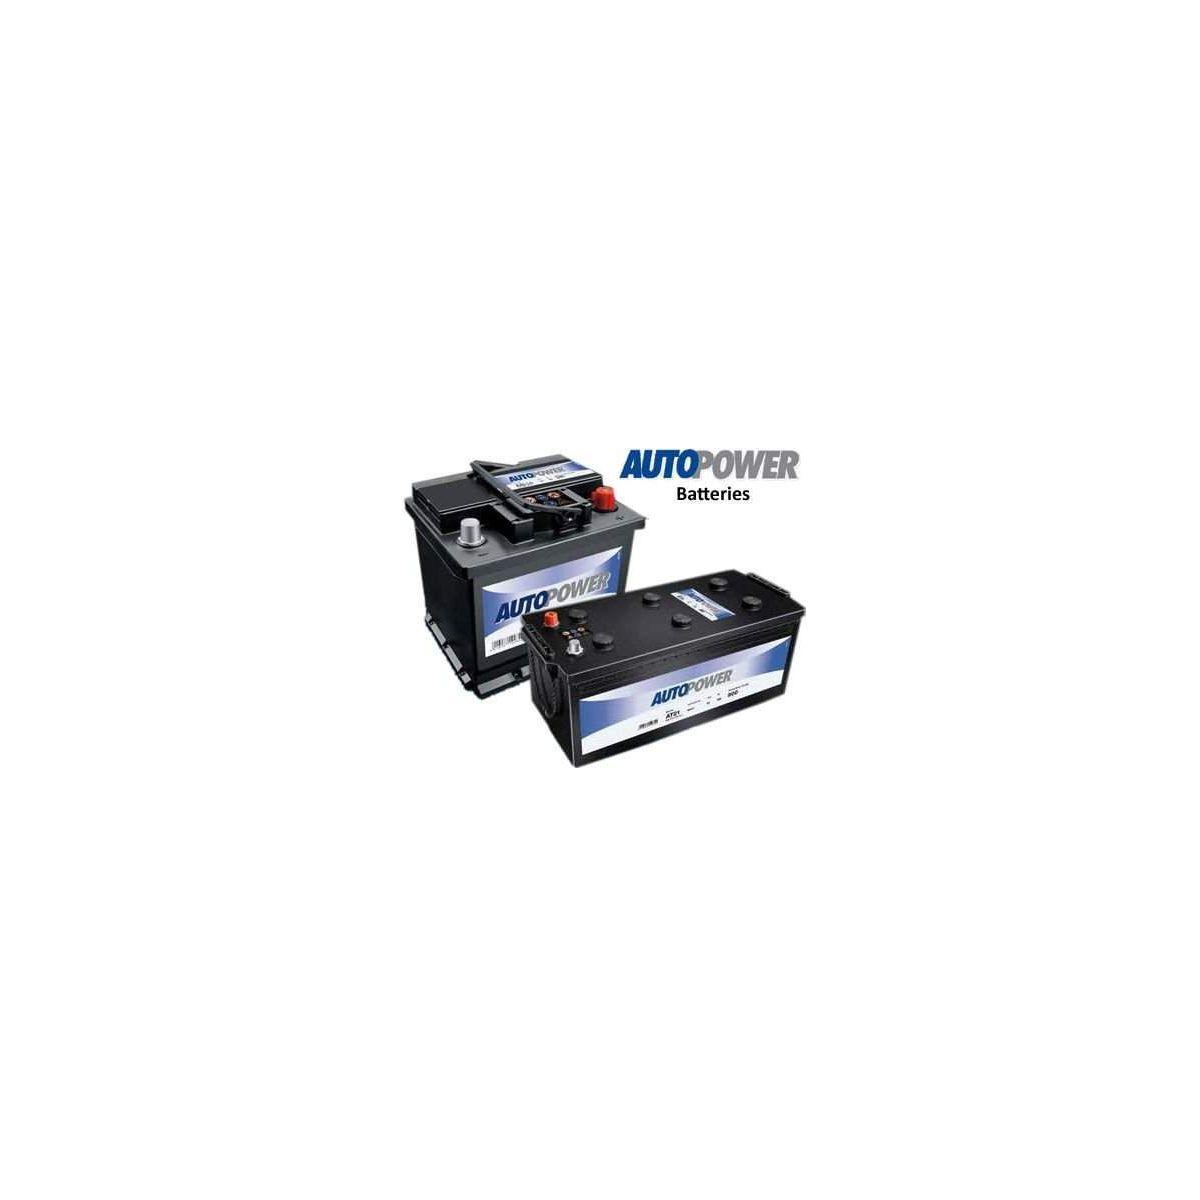 Batterie Power 56 HB